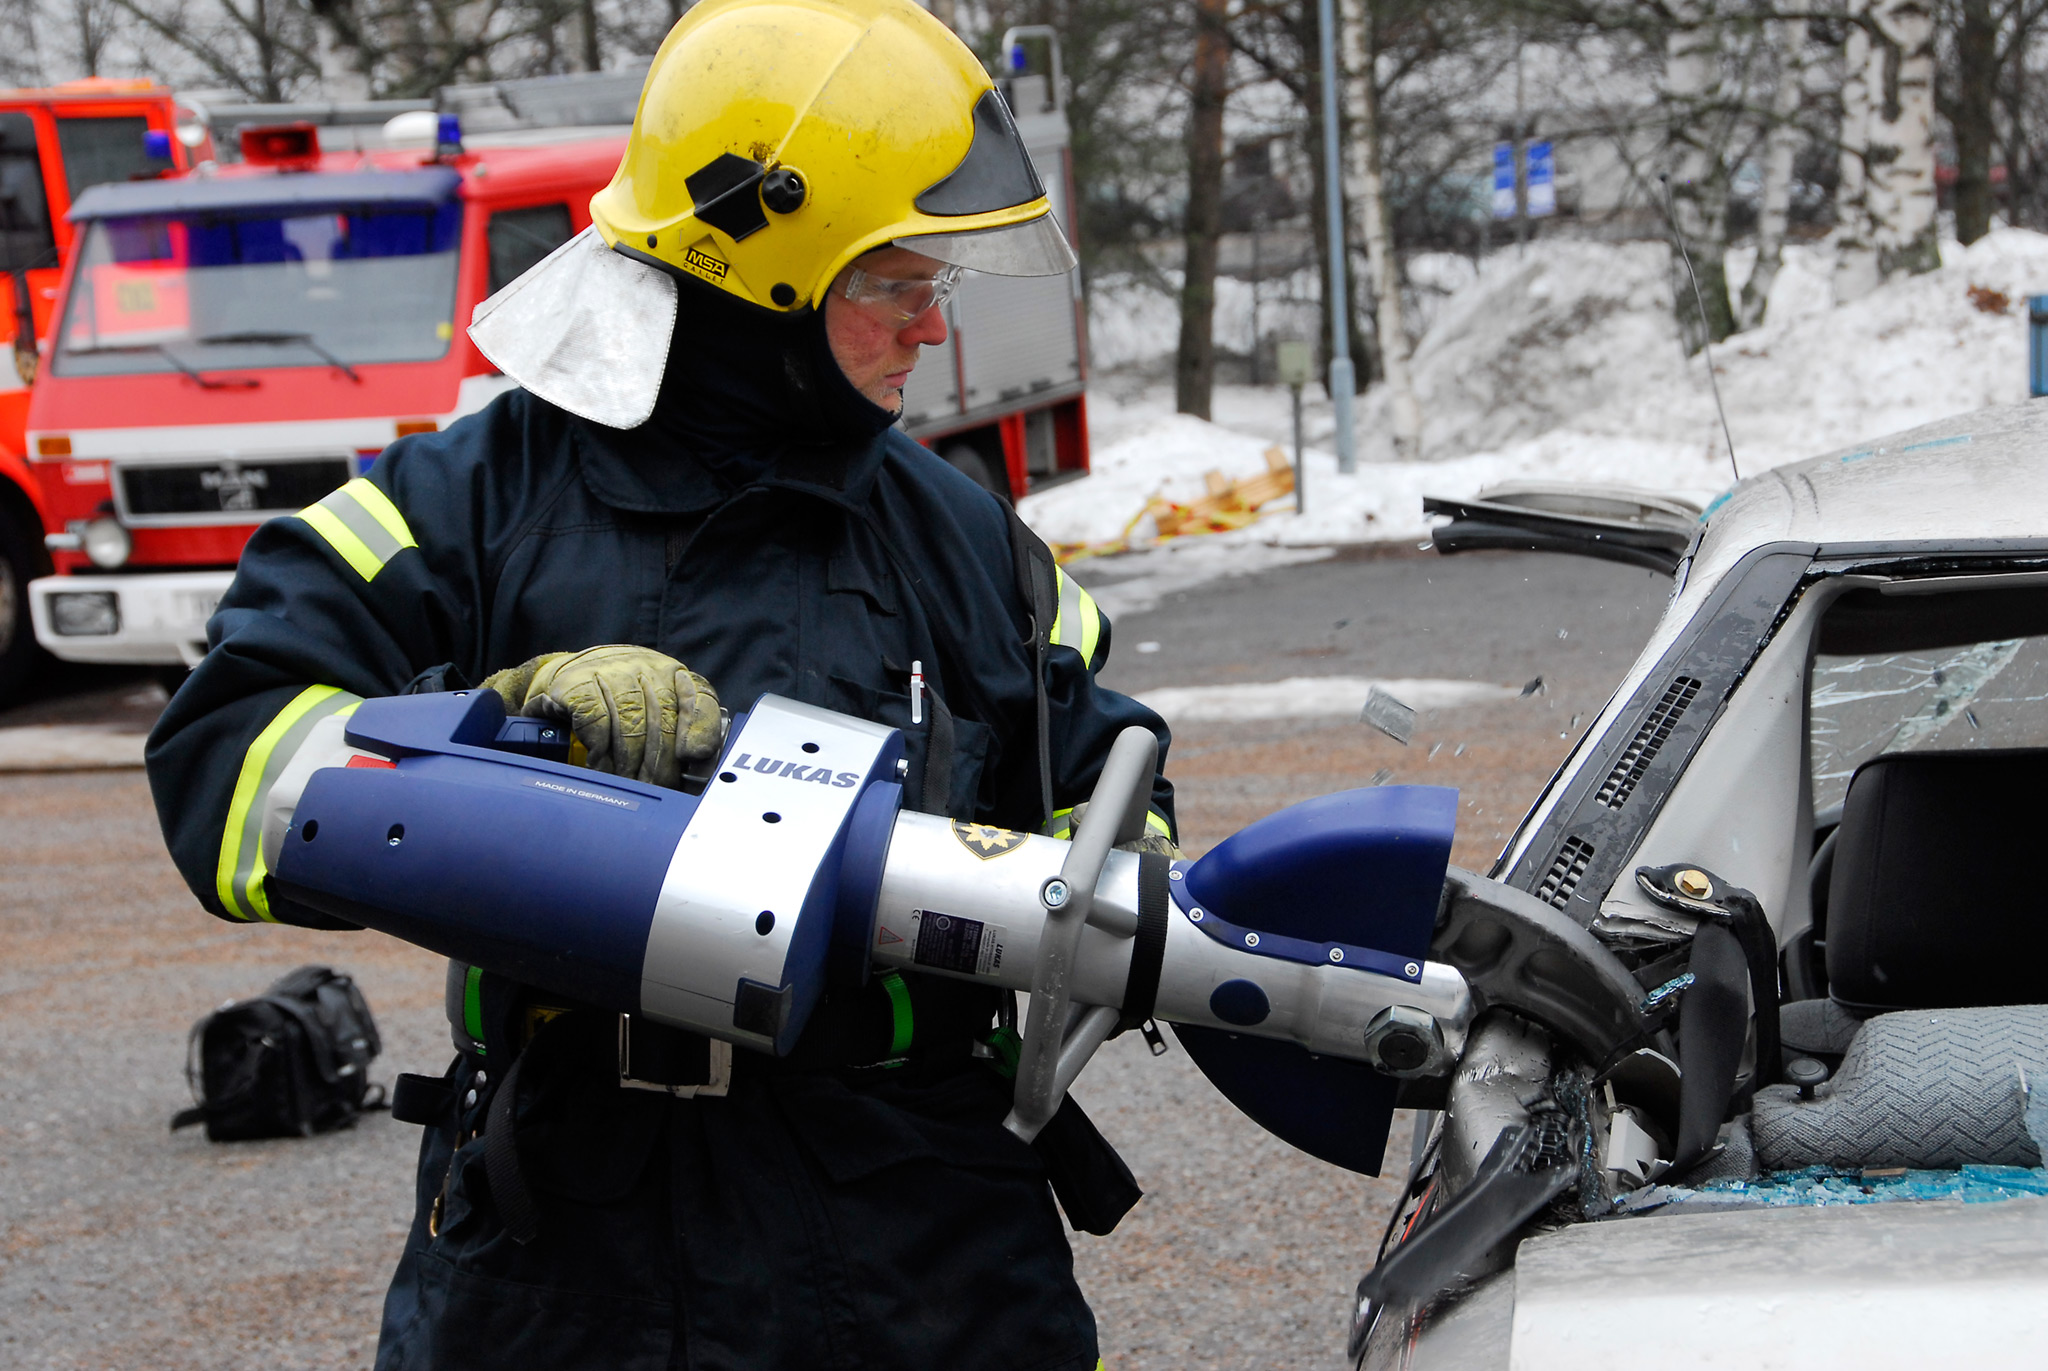 Jyväskylässä harjoitellaan tieliikennepelastamista viikottain. Harjoitukset  myös videoidaan koulutusmielessä.